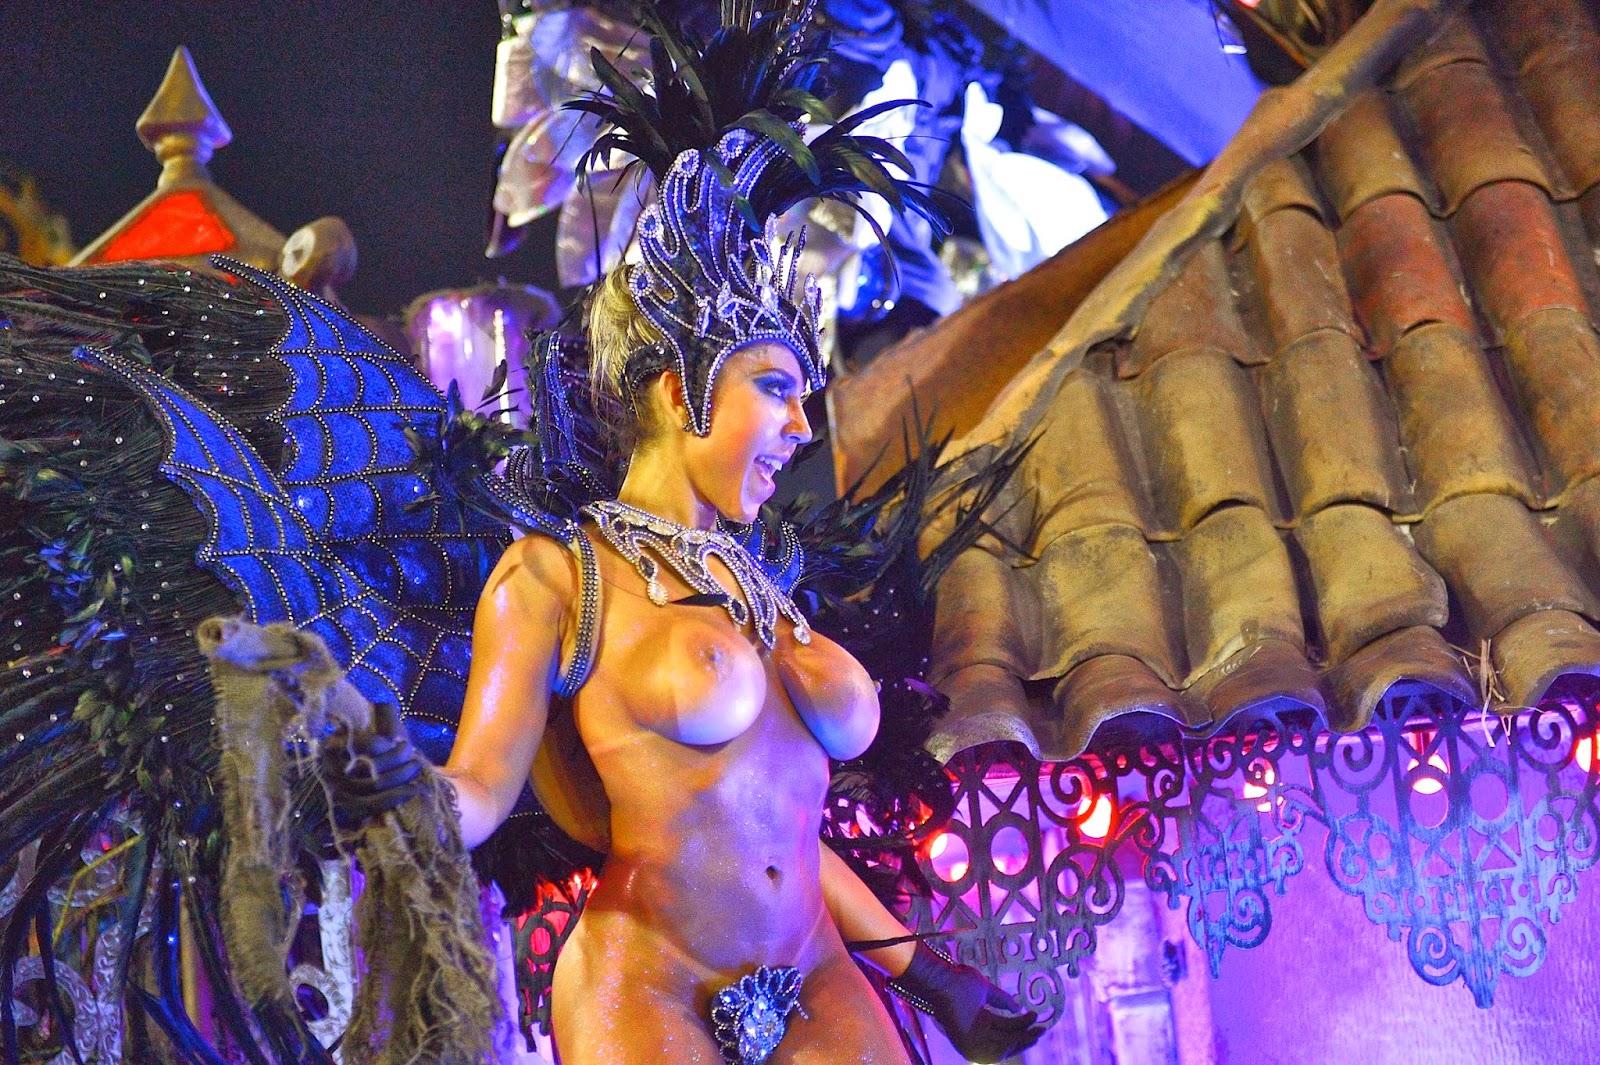 Карнавал в бразилии голые ролики онлайн, фото пизды крупное